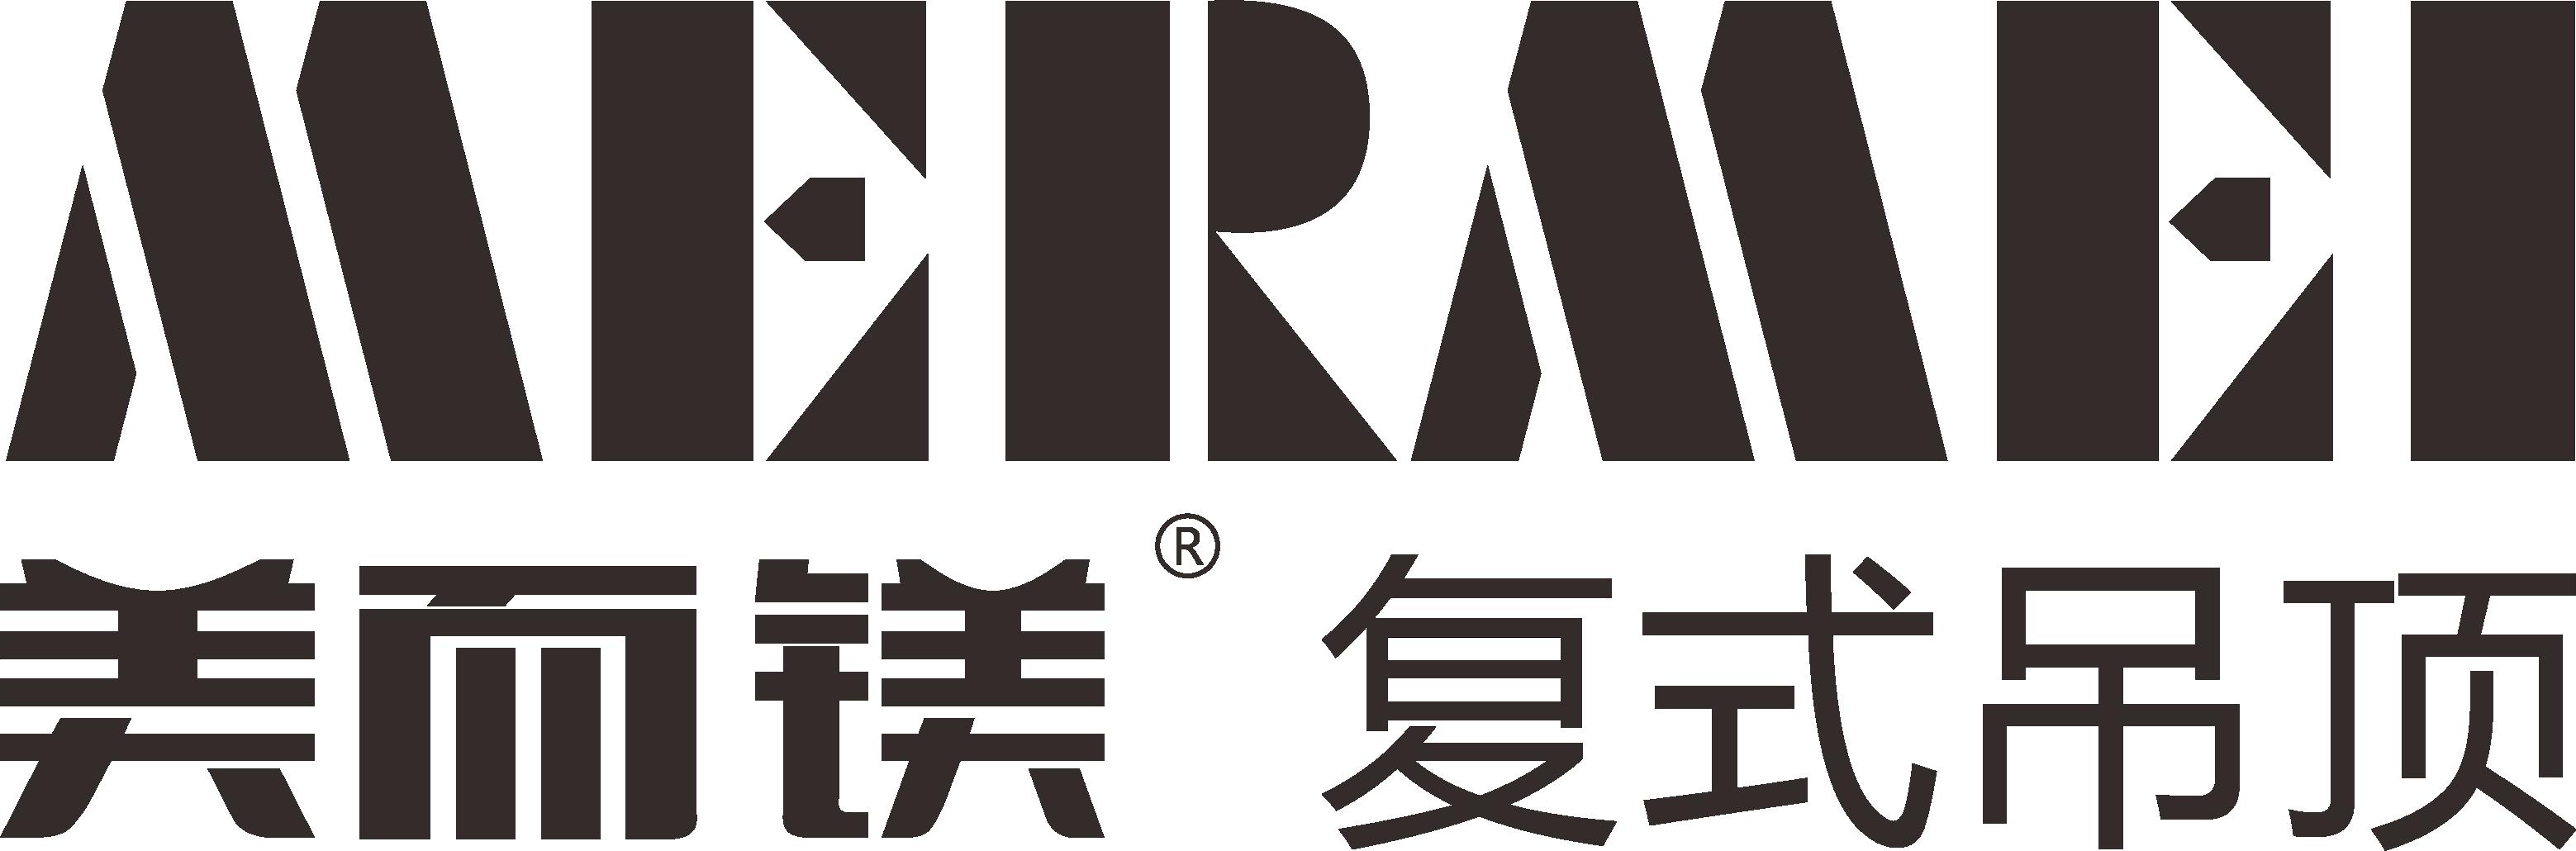 dada风灪/k���i�V���P_logo